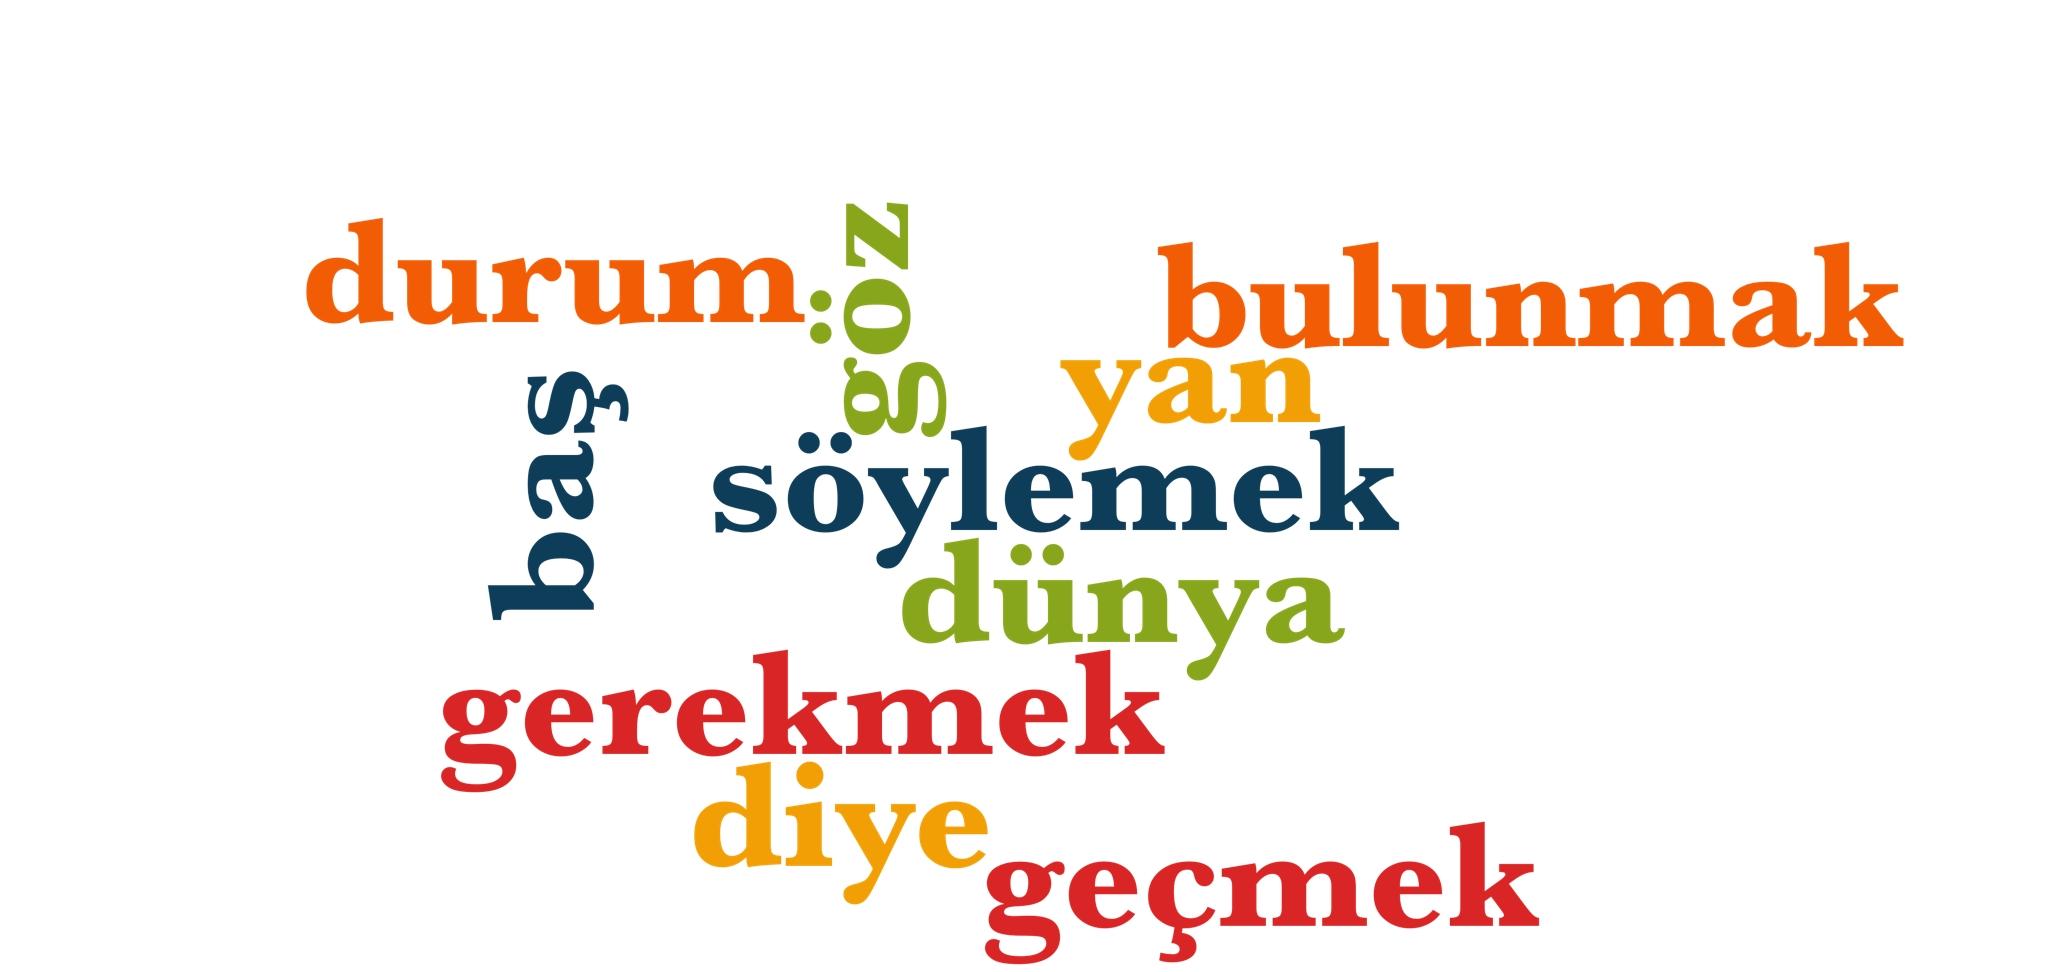 Wörter 61 bis 70 der 1000 häufigsten Wörter der türkischen Sprache